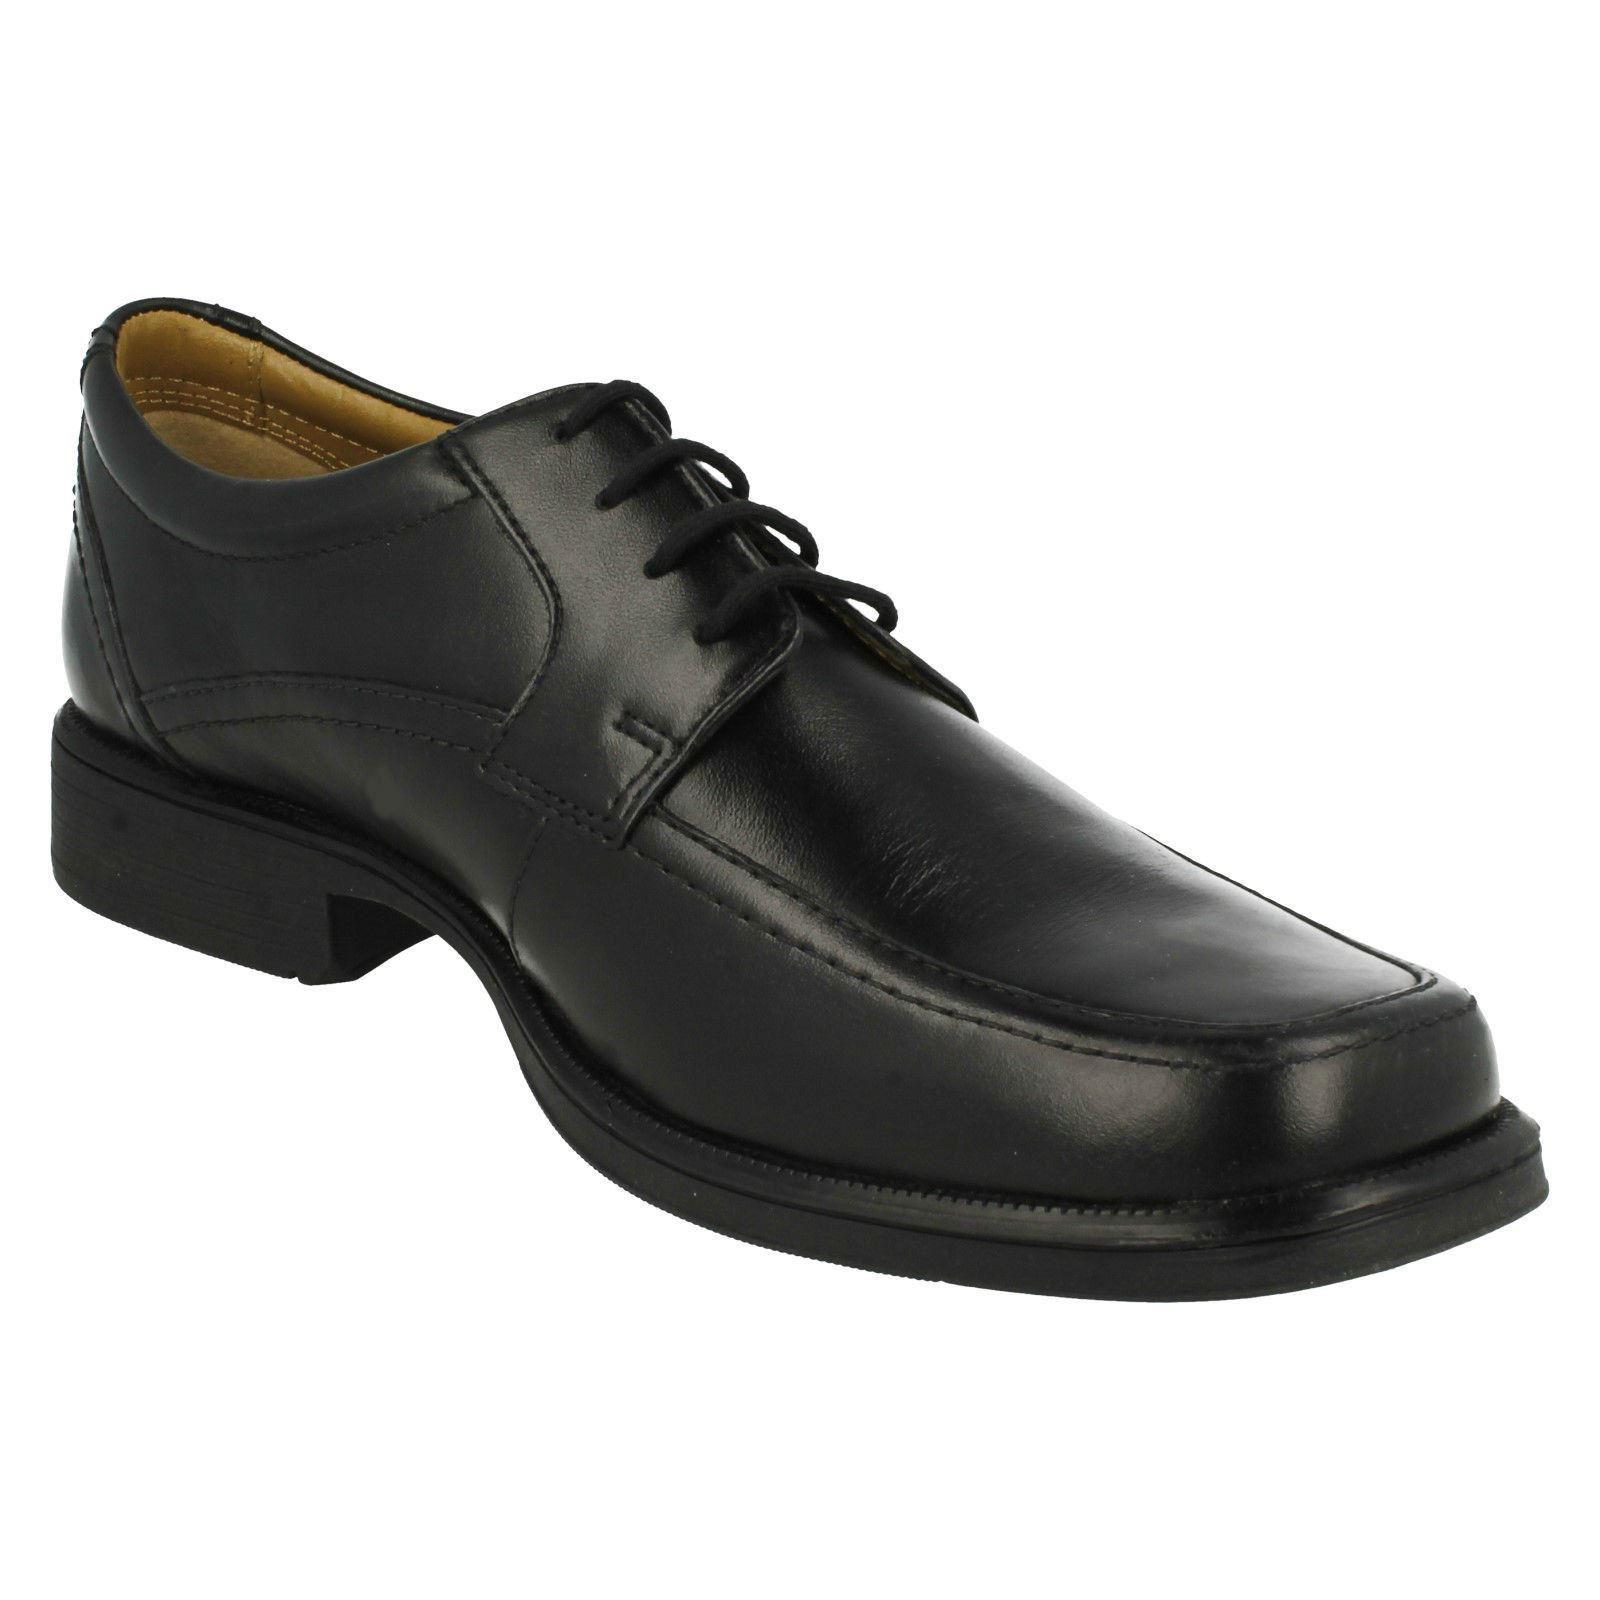 Zapatos para hombre Formal Clarks Mango Primavera